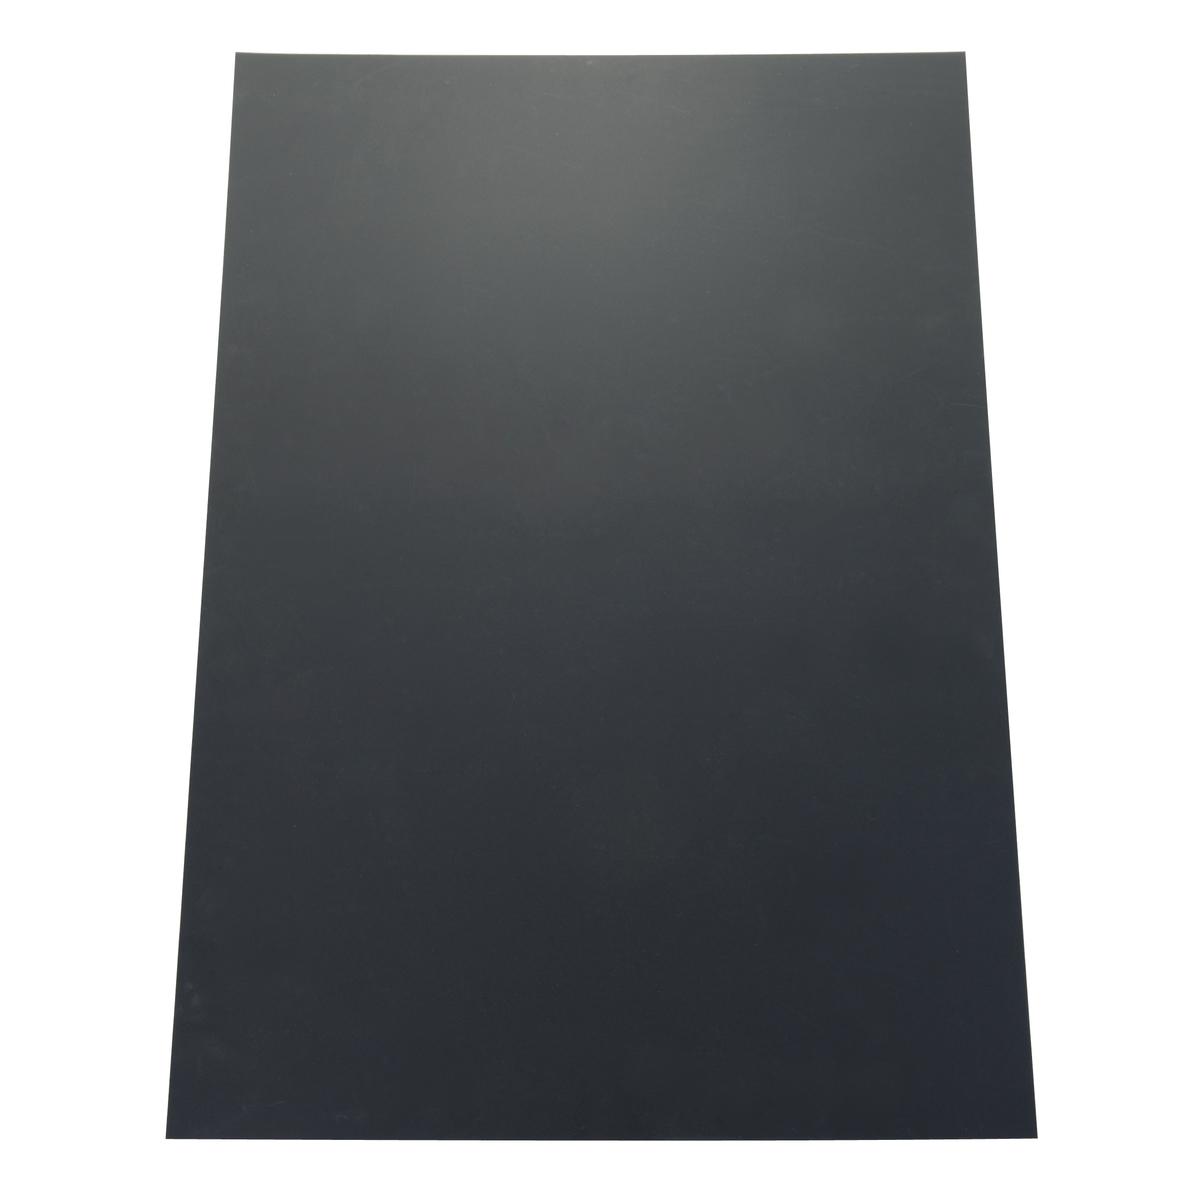 丸めずお届けしますので 到着後すぐにご使用いただけます タレゴム EVA 黒 泥よけ 900×600×3 公式通販 新入荷 流行 1枚